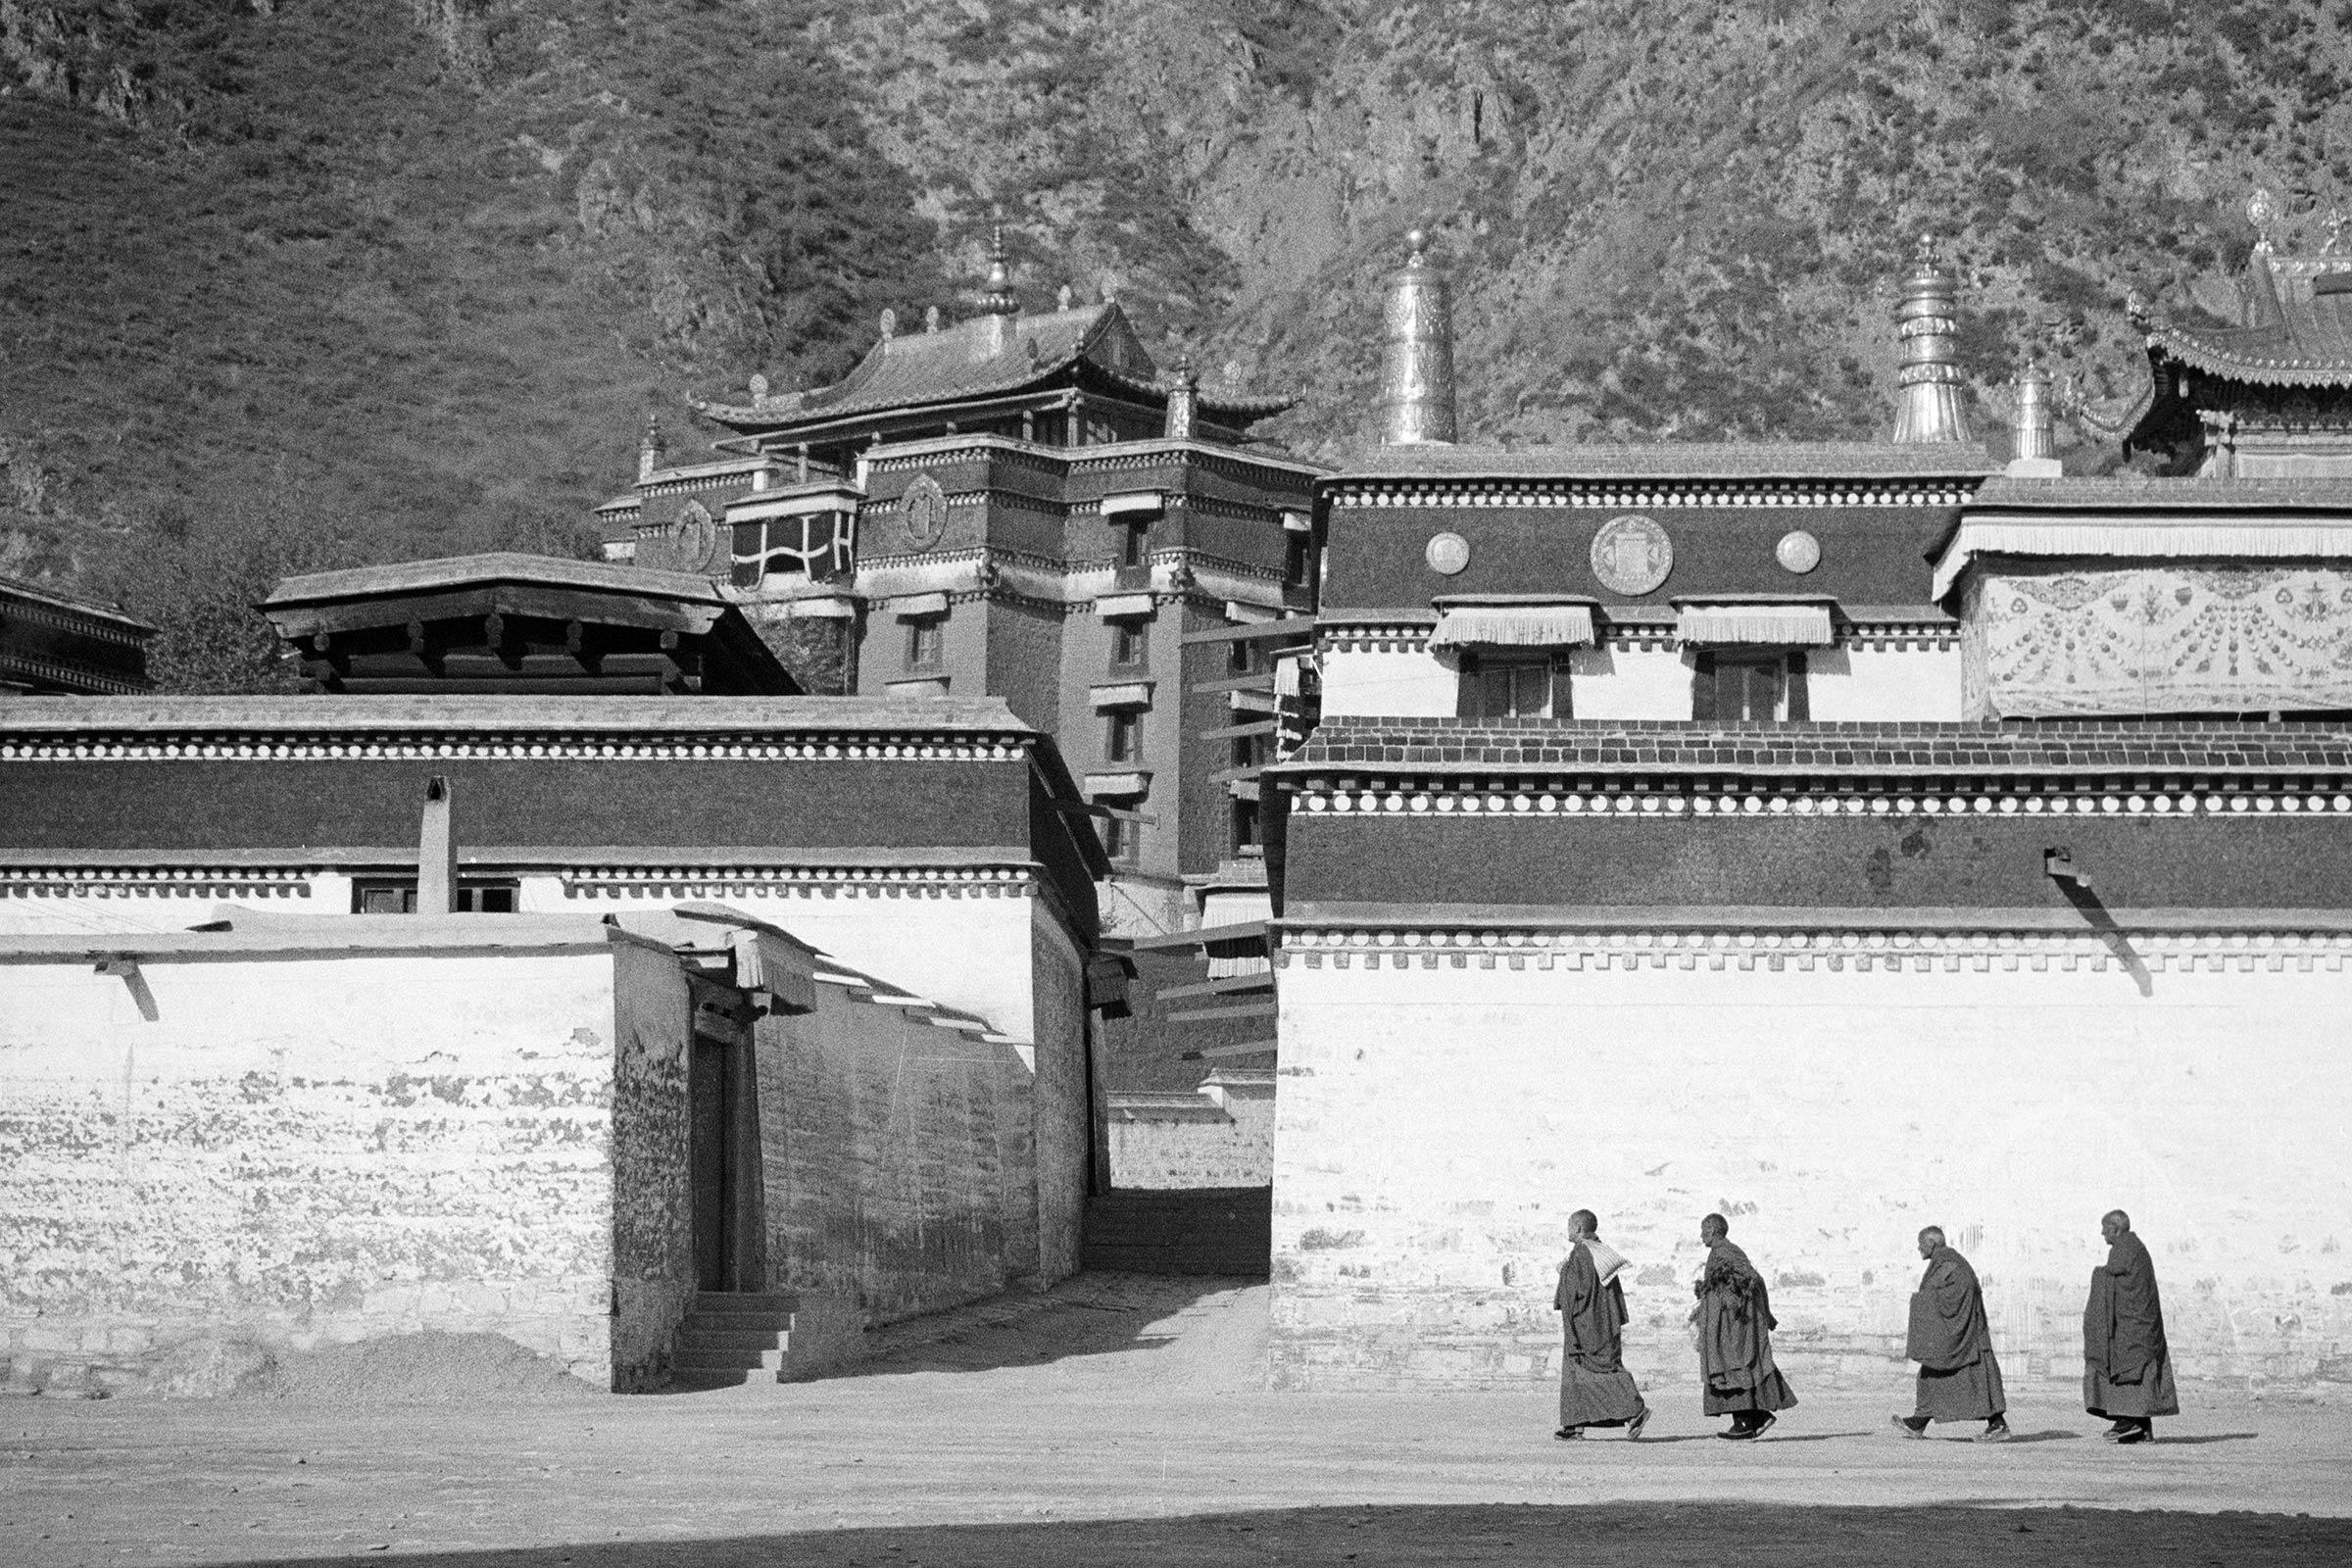 Xiahe oktober 1995